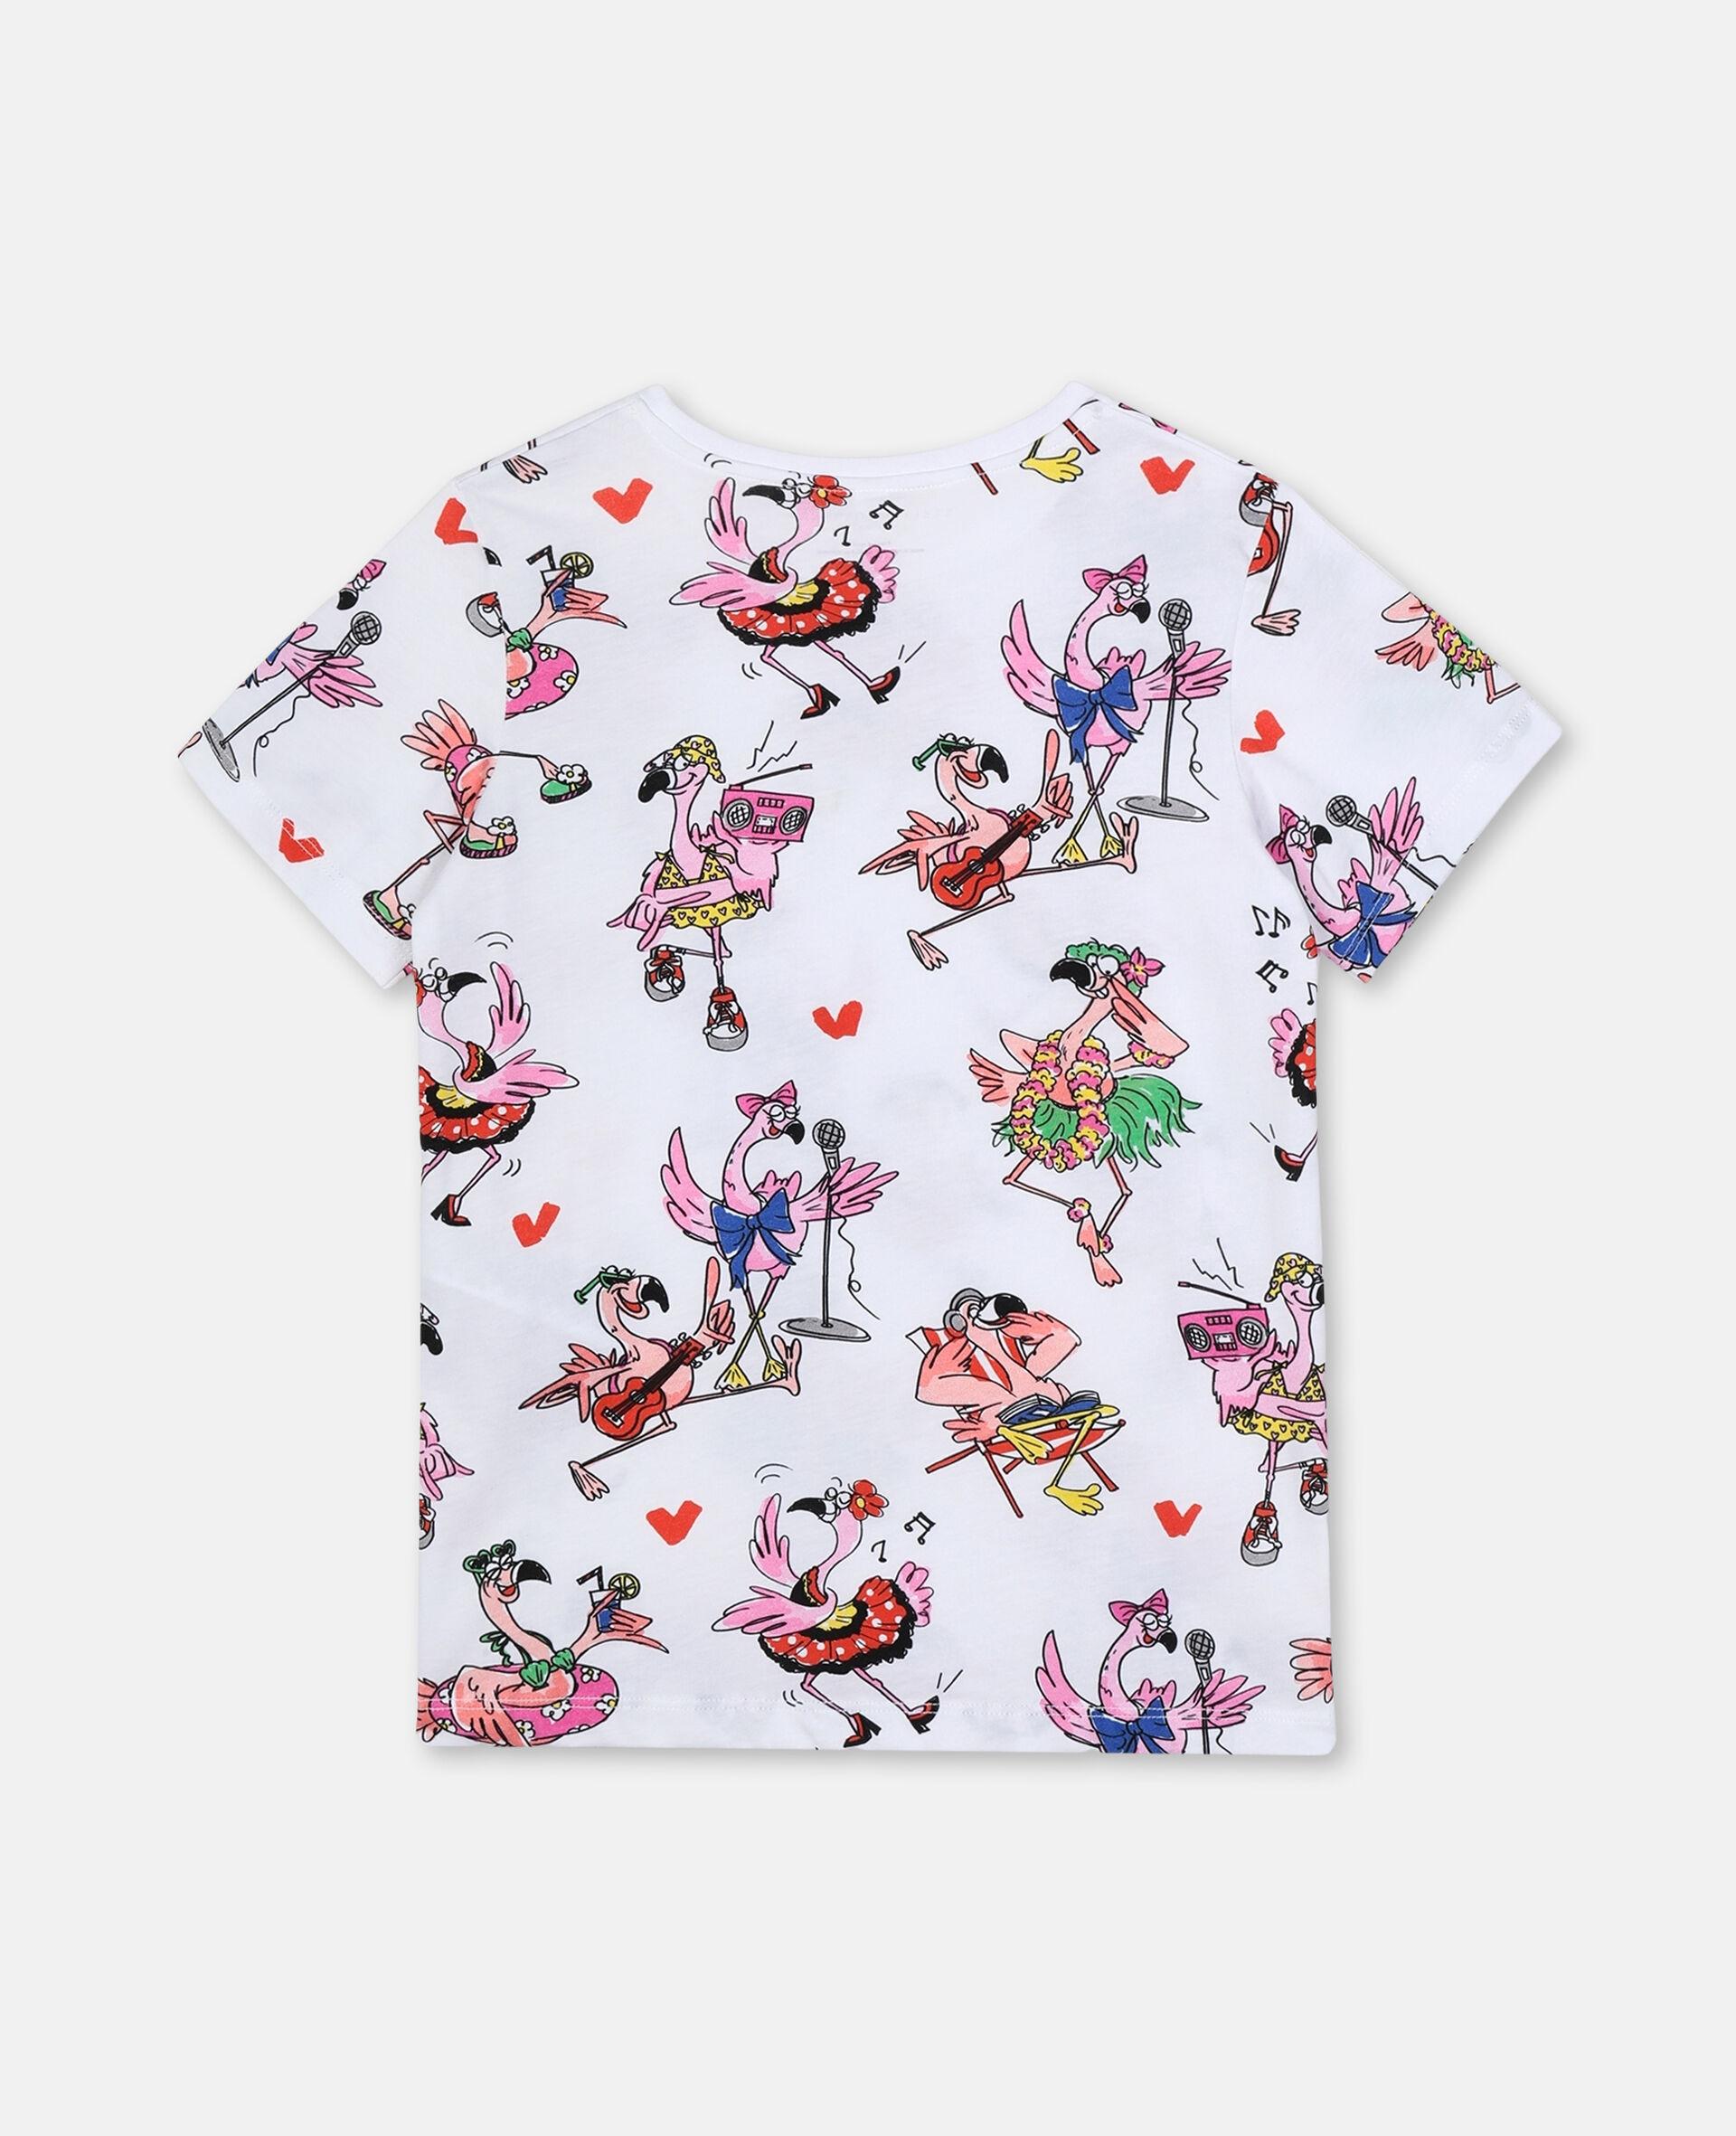 T-shirt en coton avec flamants roses festifs-Fantaisie-large image number 3